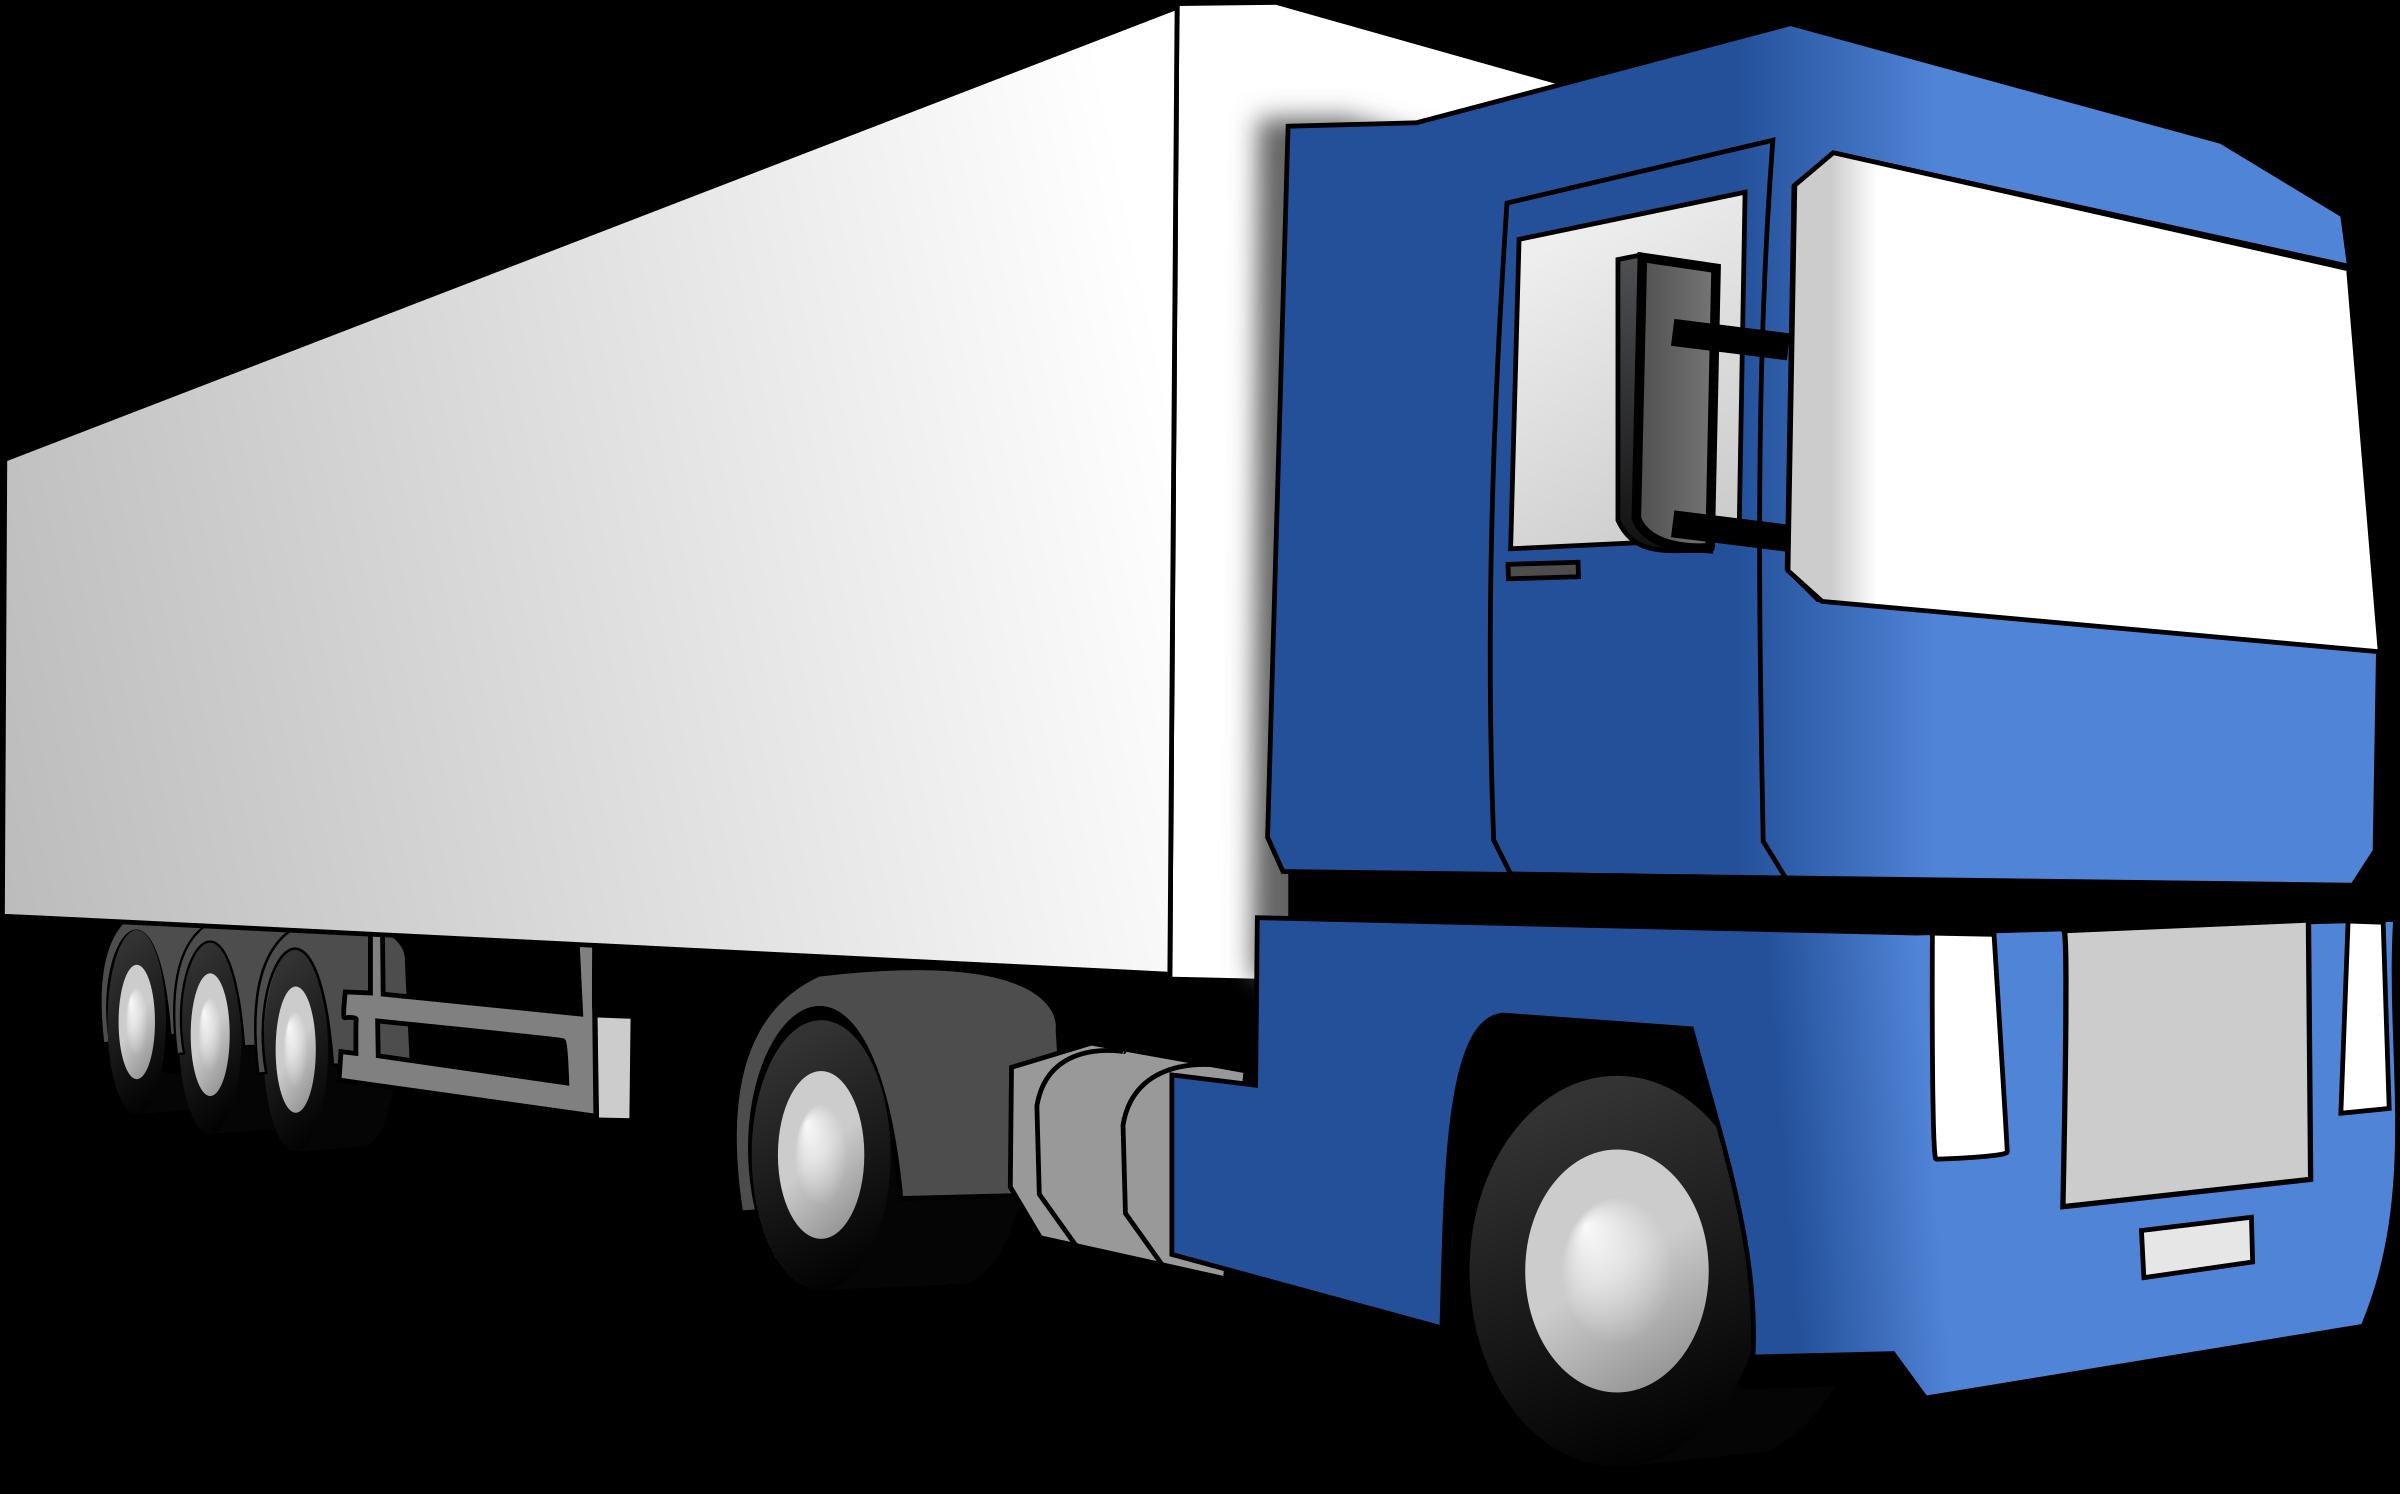 clipart blue truck Semi Truck Line Art Semi Truck Logos